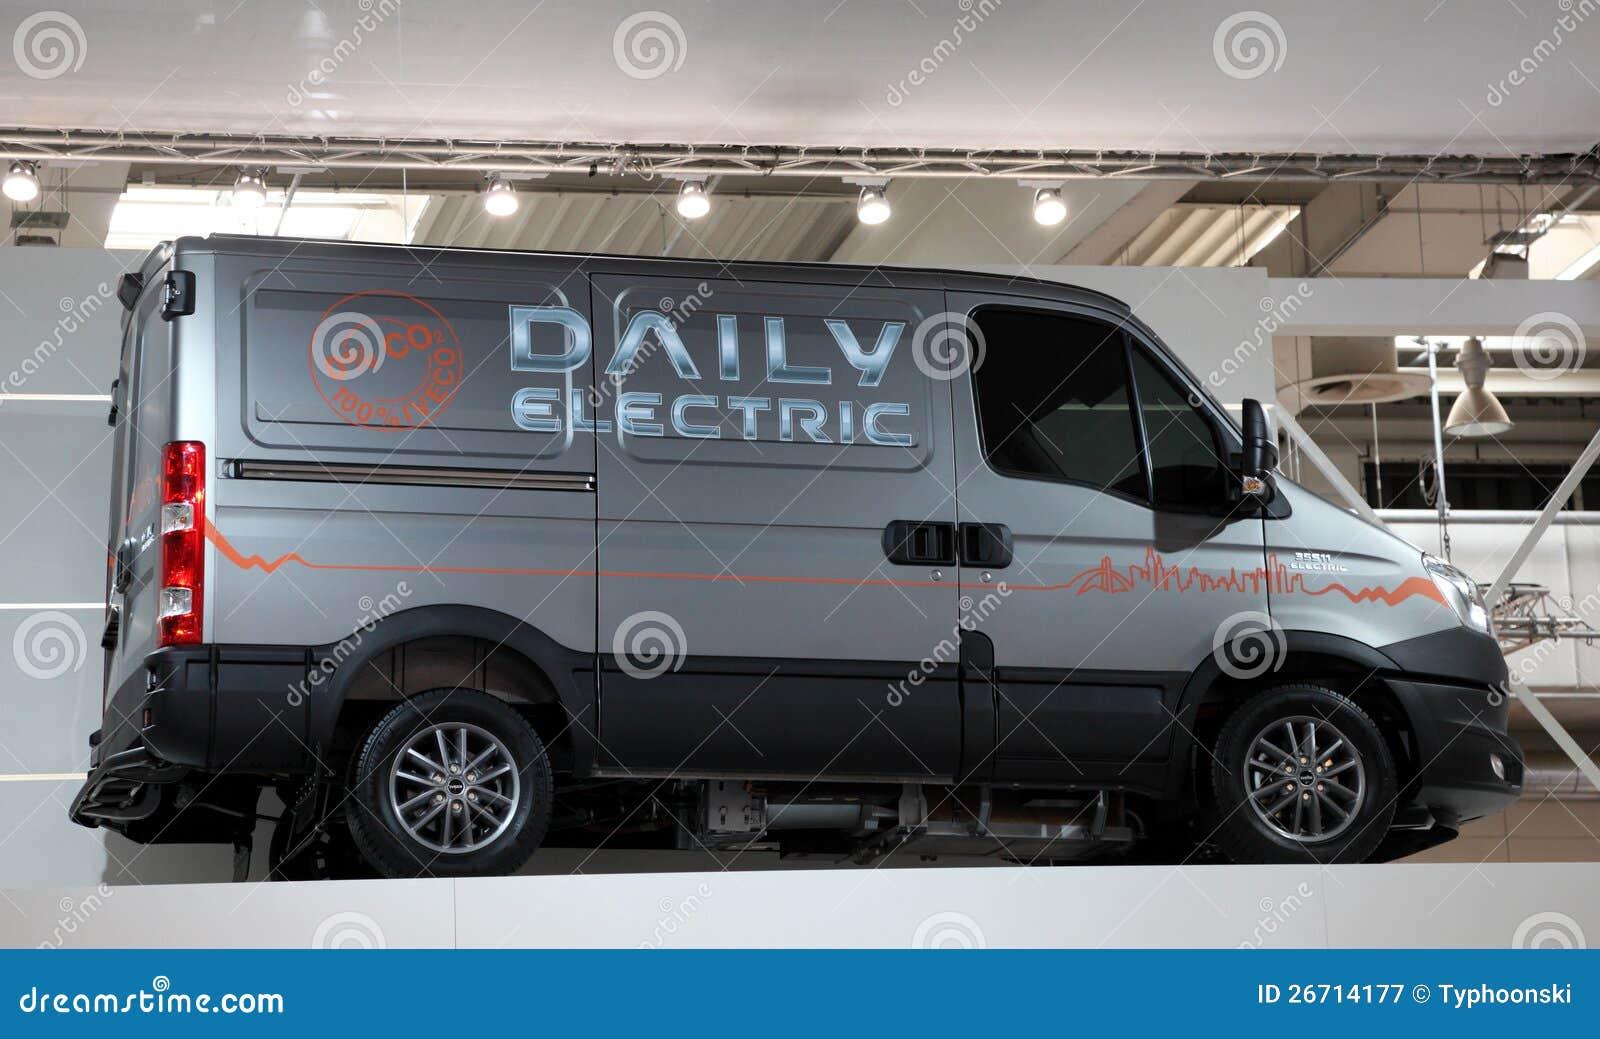 Iveco Dagelijkse Elektrische Bestelwagen Redactionele Fotografie